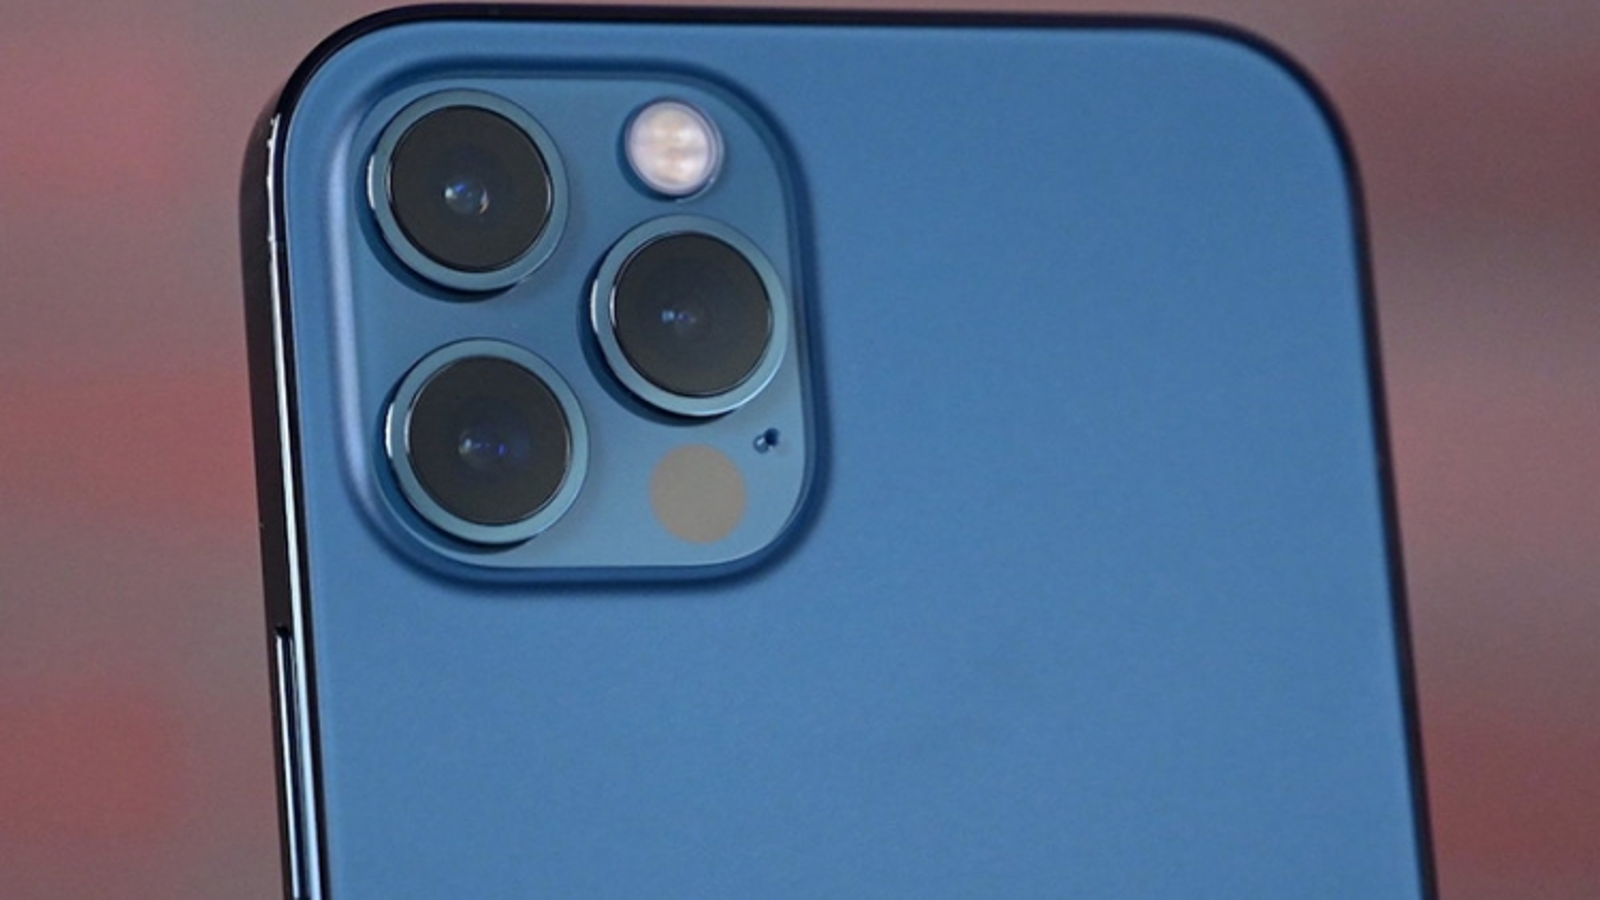 Apple sẽ dựa vào Samsung cho máy ảnh cực xịn trên iPhone 2022